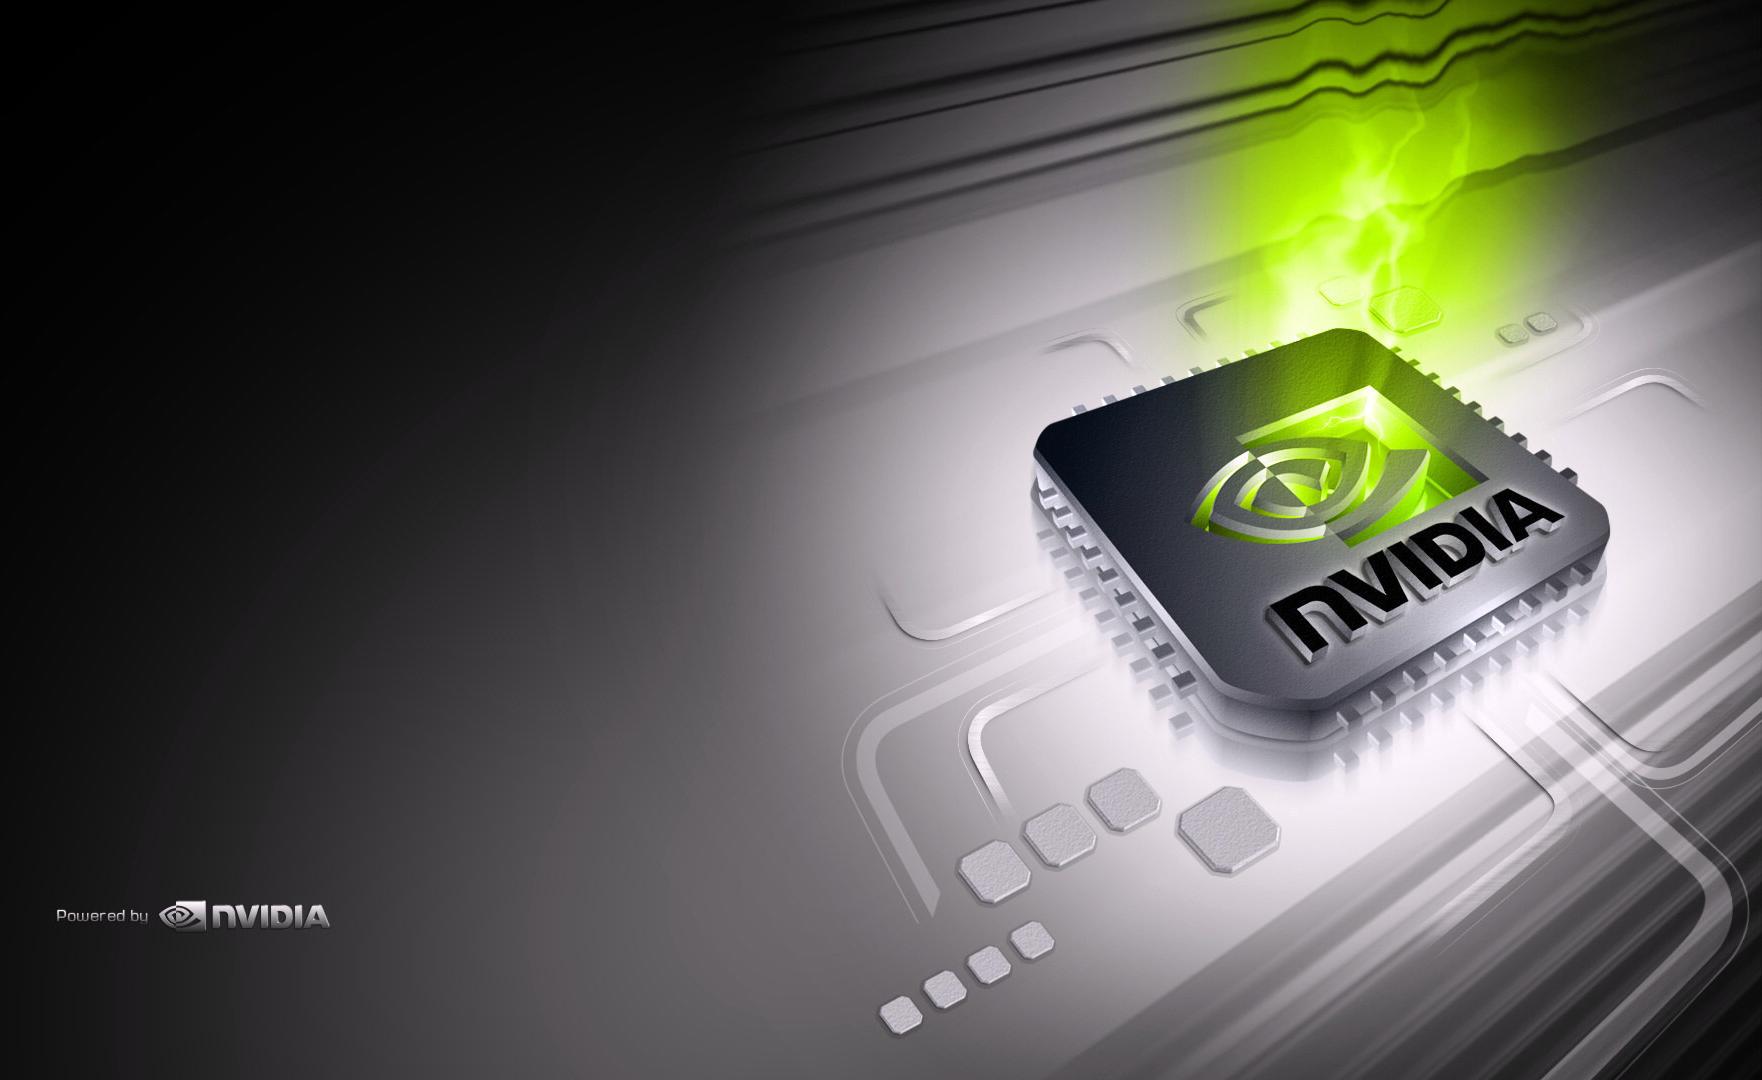 17G13035黑苹果NVIDIA显卡驱动WebDriver-387.10.10.10.40.137.pkg下载